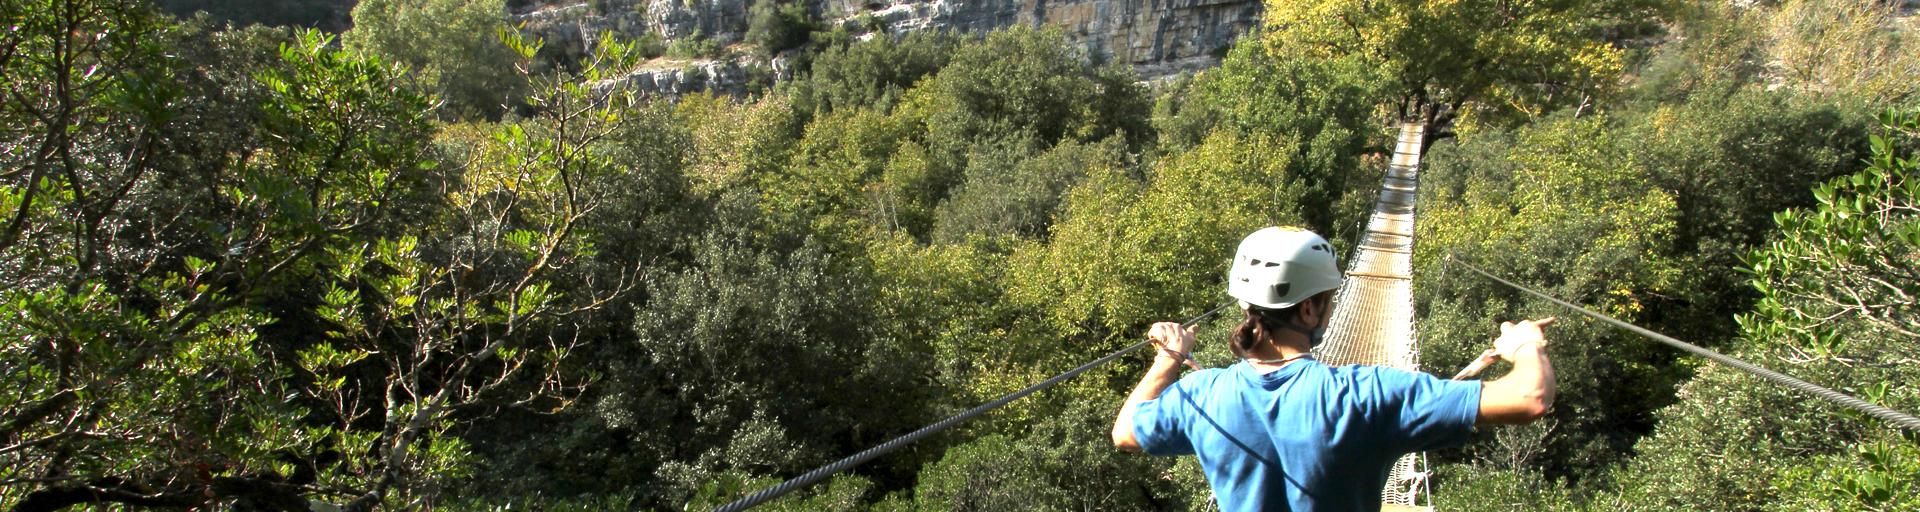 Homme traversant un très grand pont suspendu